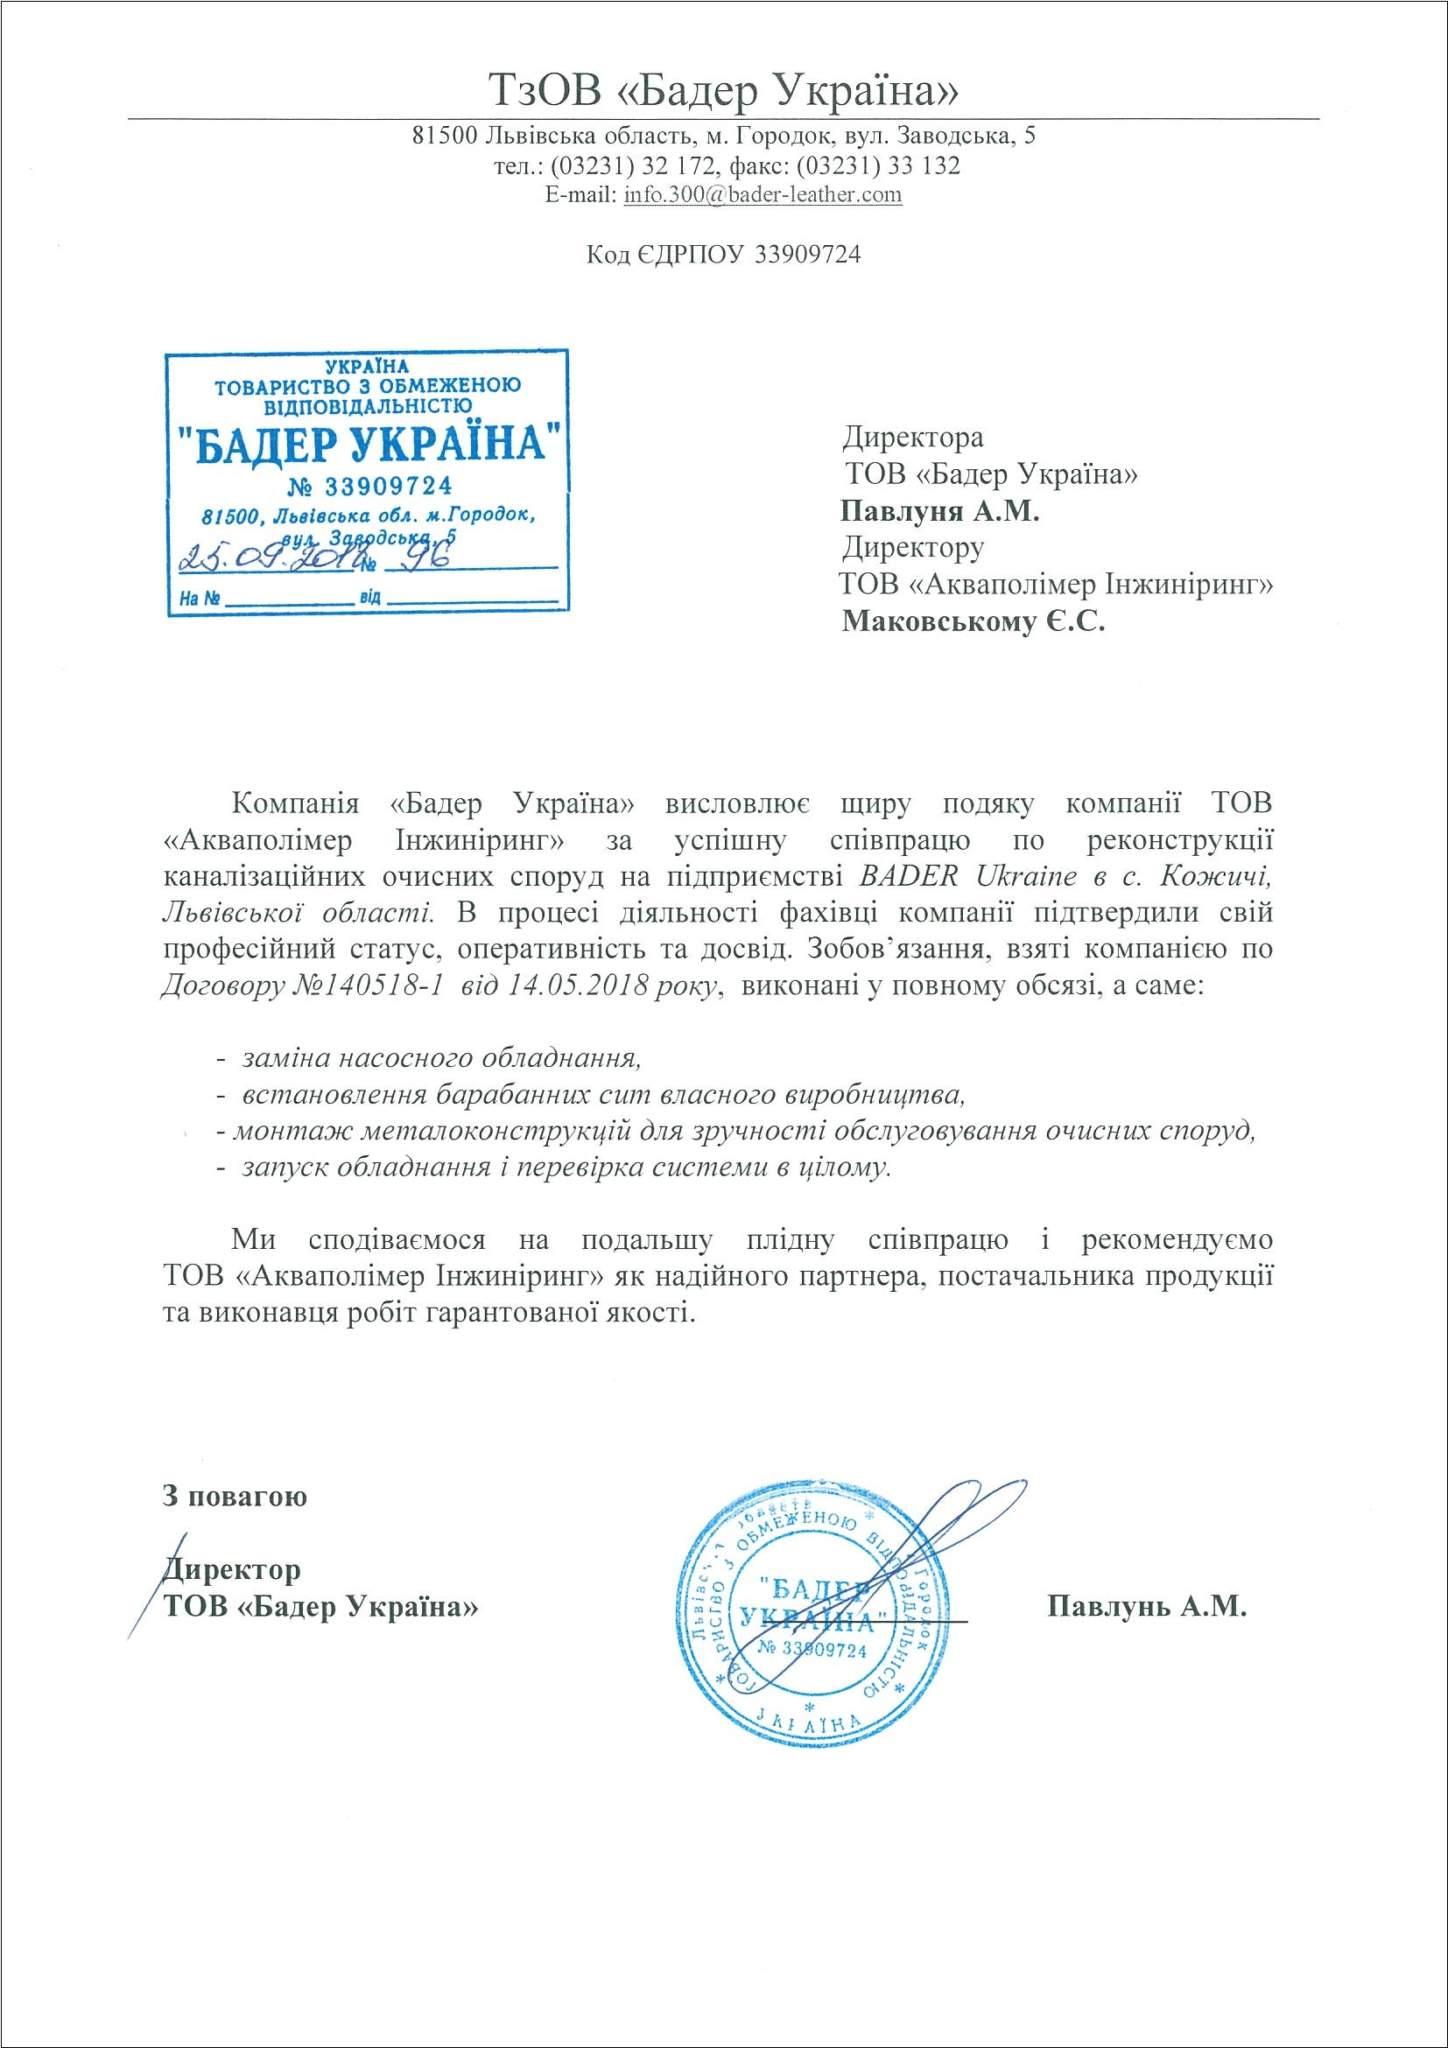 """Реконструкция очистных сооружений в ООО """"BADER Ukraine"""""""